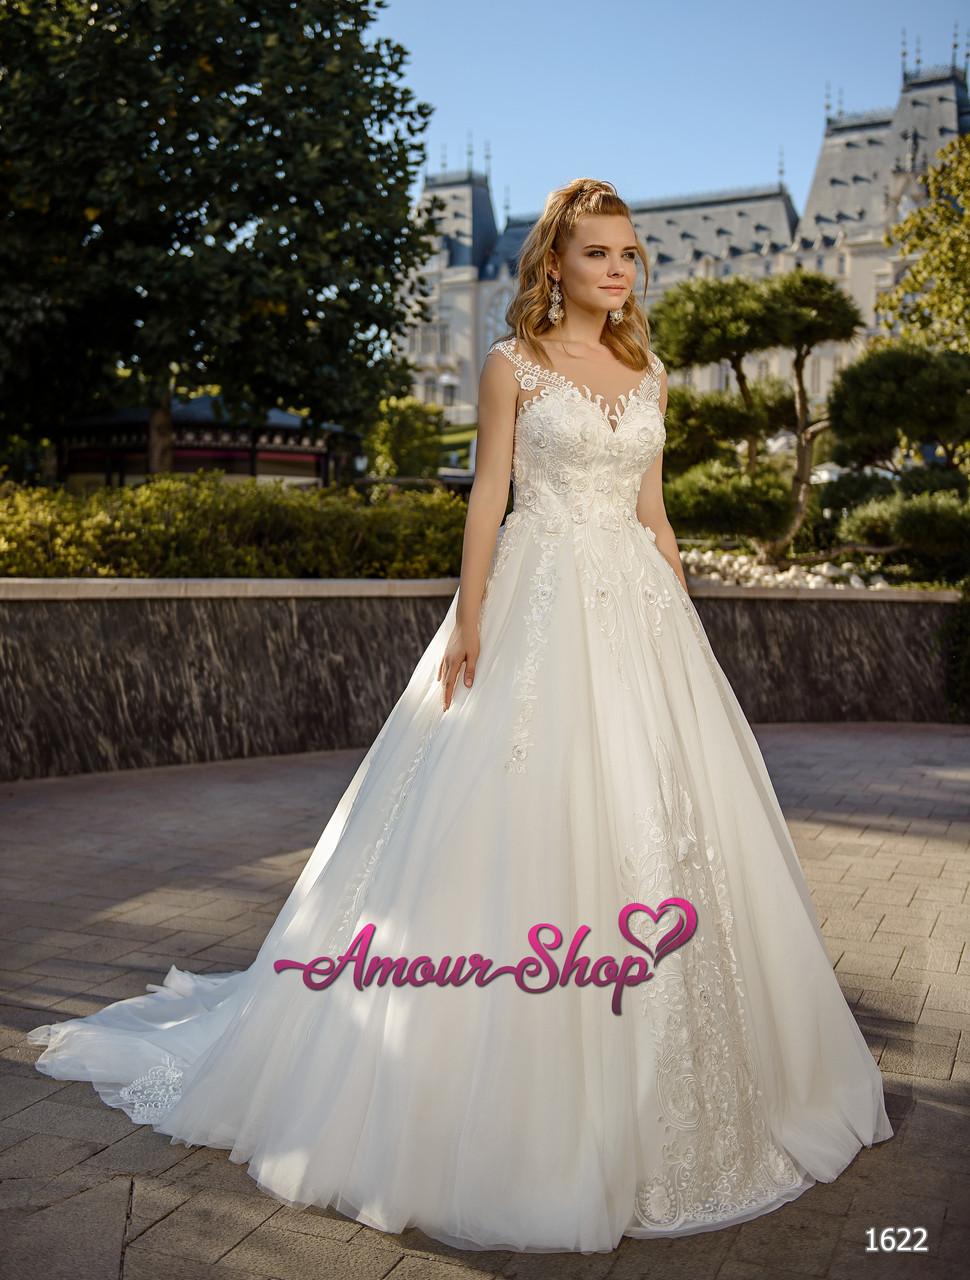 Кружевное свадебное платье  с рукавами  и полупрозрачным корсетом